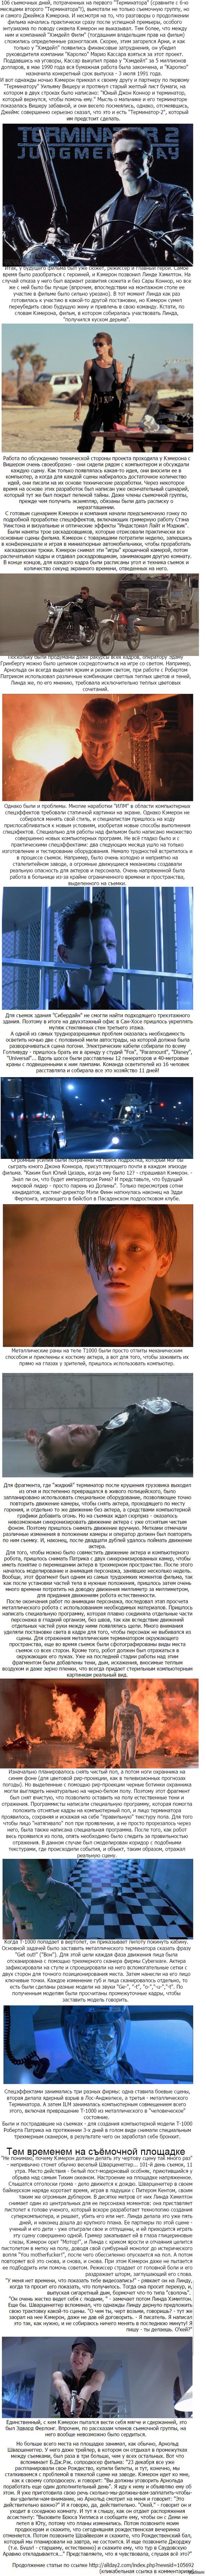 Терминатор 2: как снимался фильм. Нашёл в интернете довольно длинную и интересную статью о фильме. Прошу прощения за косяки, то ли smagold.ru не очень адекватно работает, то ли хром.